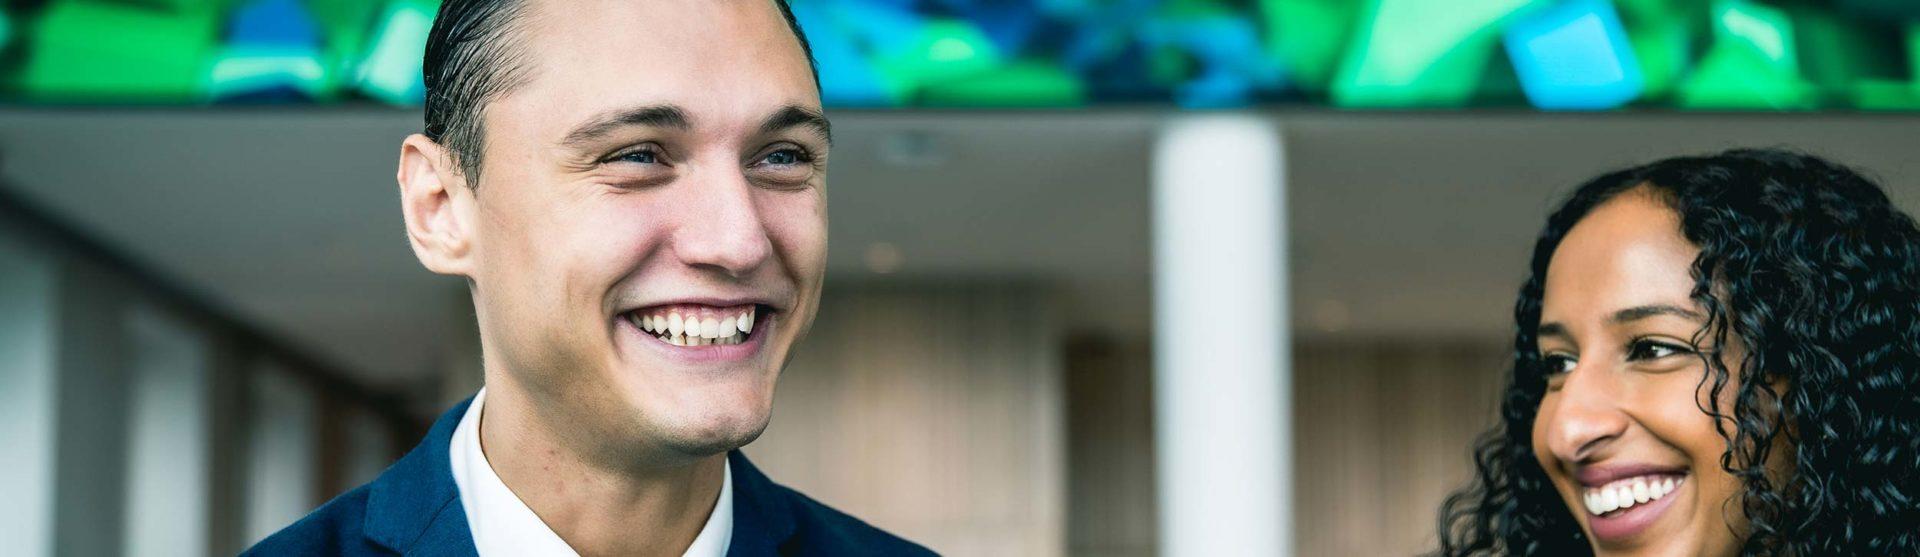 Björn Davidsson, tidigare deltagare på SEB:s Tech-program tipsar om hur du ska söka via TNG